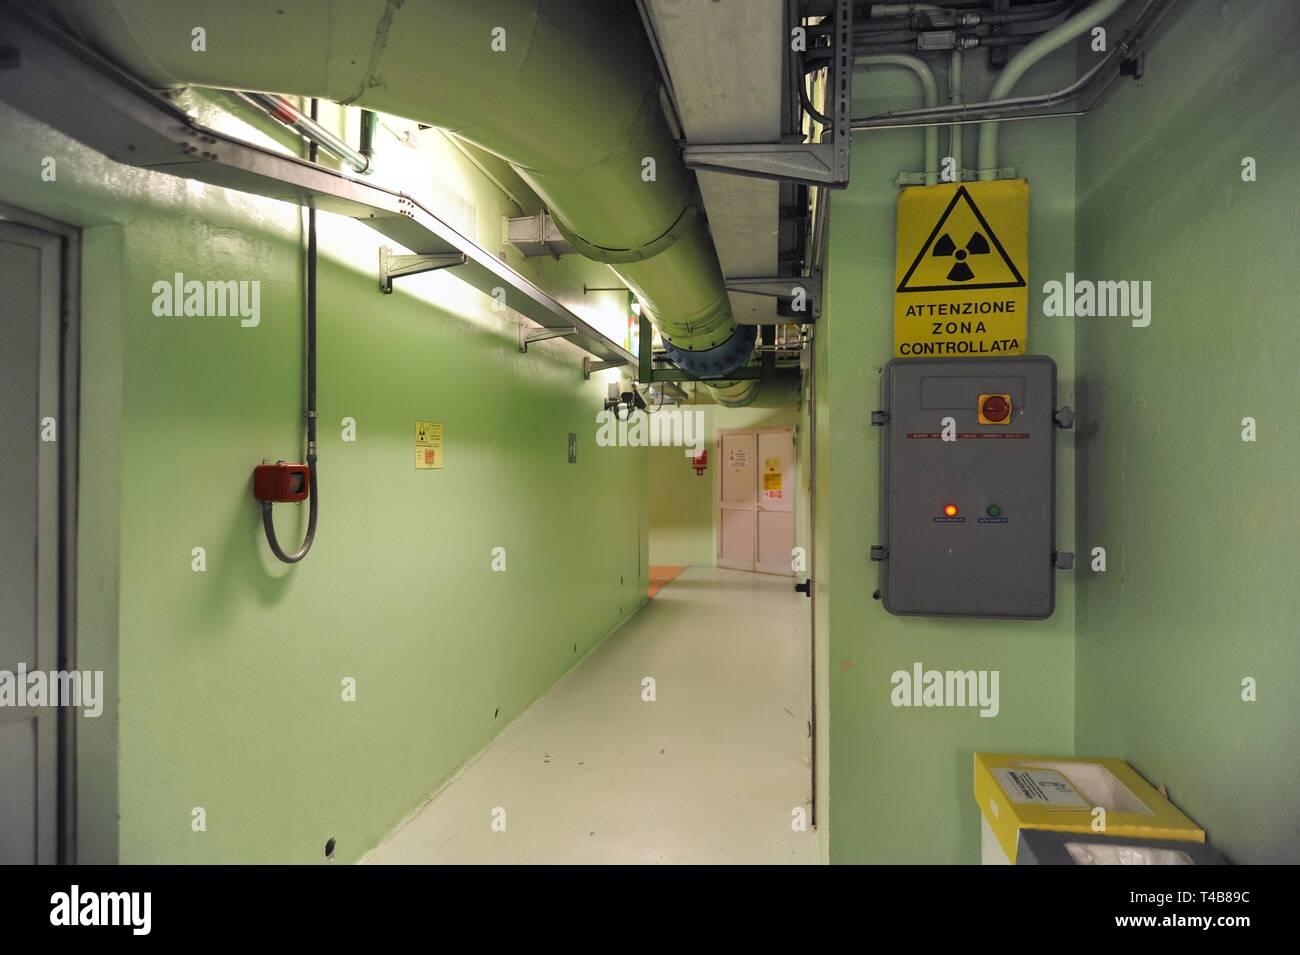 Trino Vercellese Kernkraftwerk, in den Prozess der Deaktivierung durch die Gesellschaft Sogin, verantwortlich für die Stilllegung des italienischen Kernkraftwerke nach der beliebten Referenden von 1987 und 2011 Stockfoto